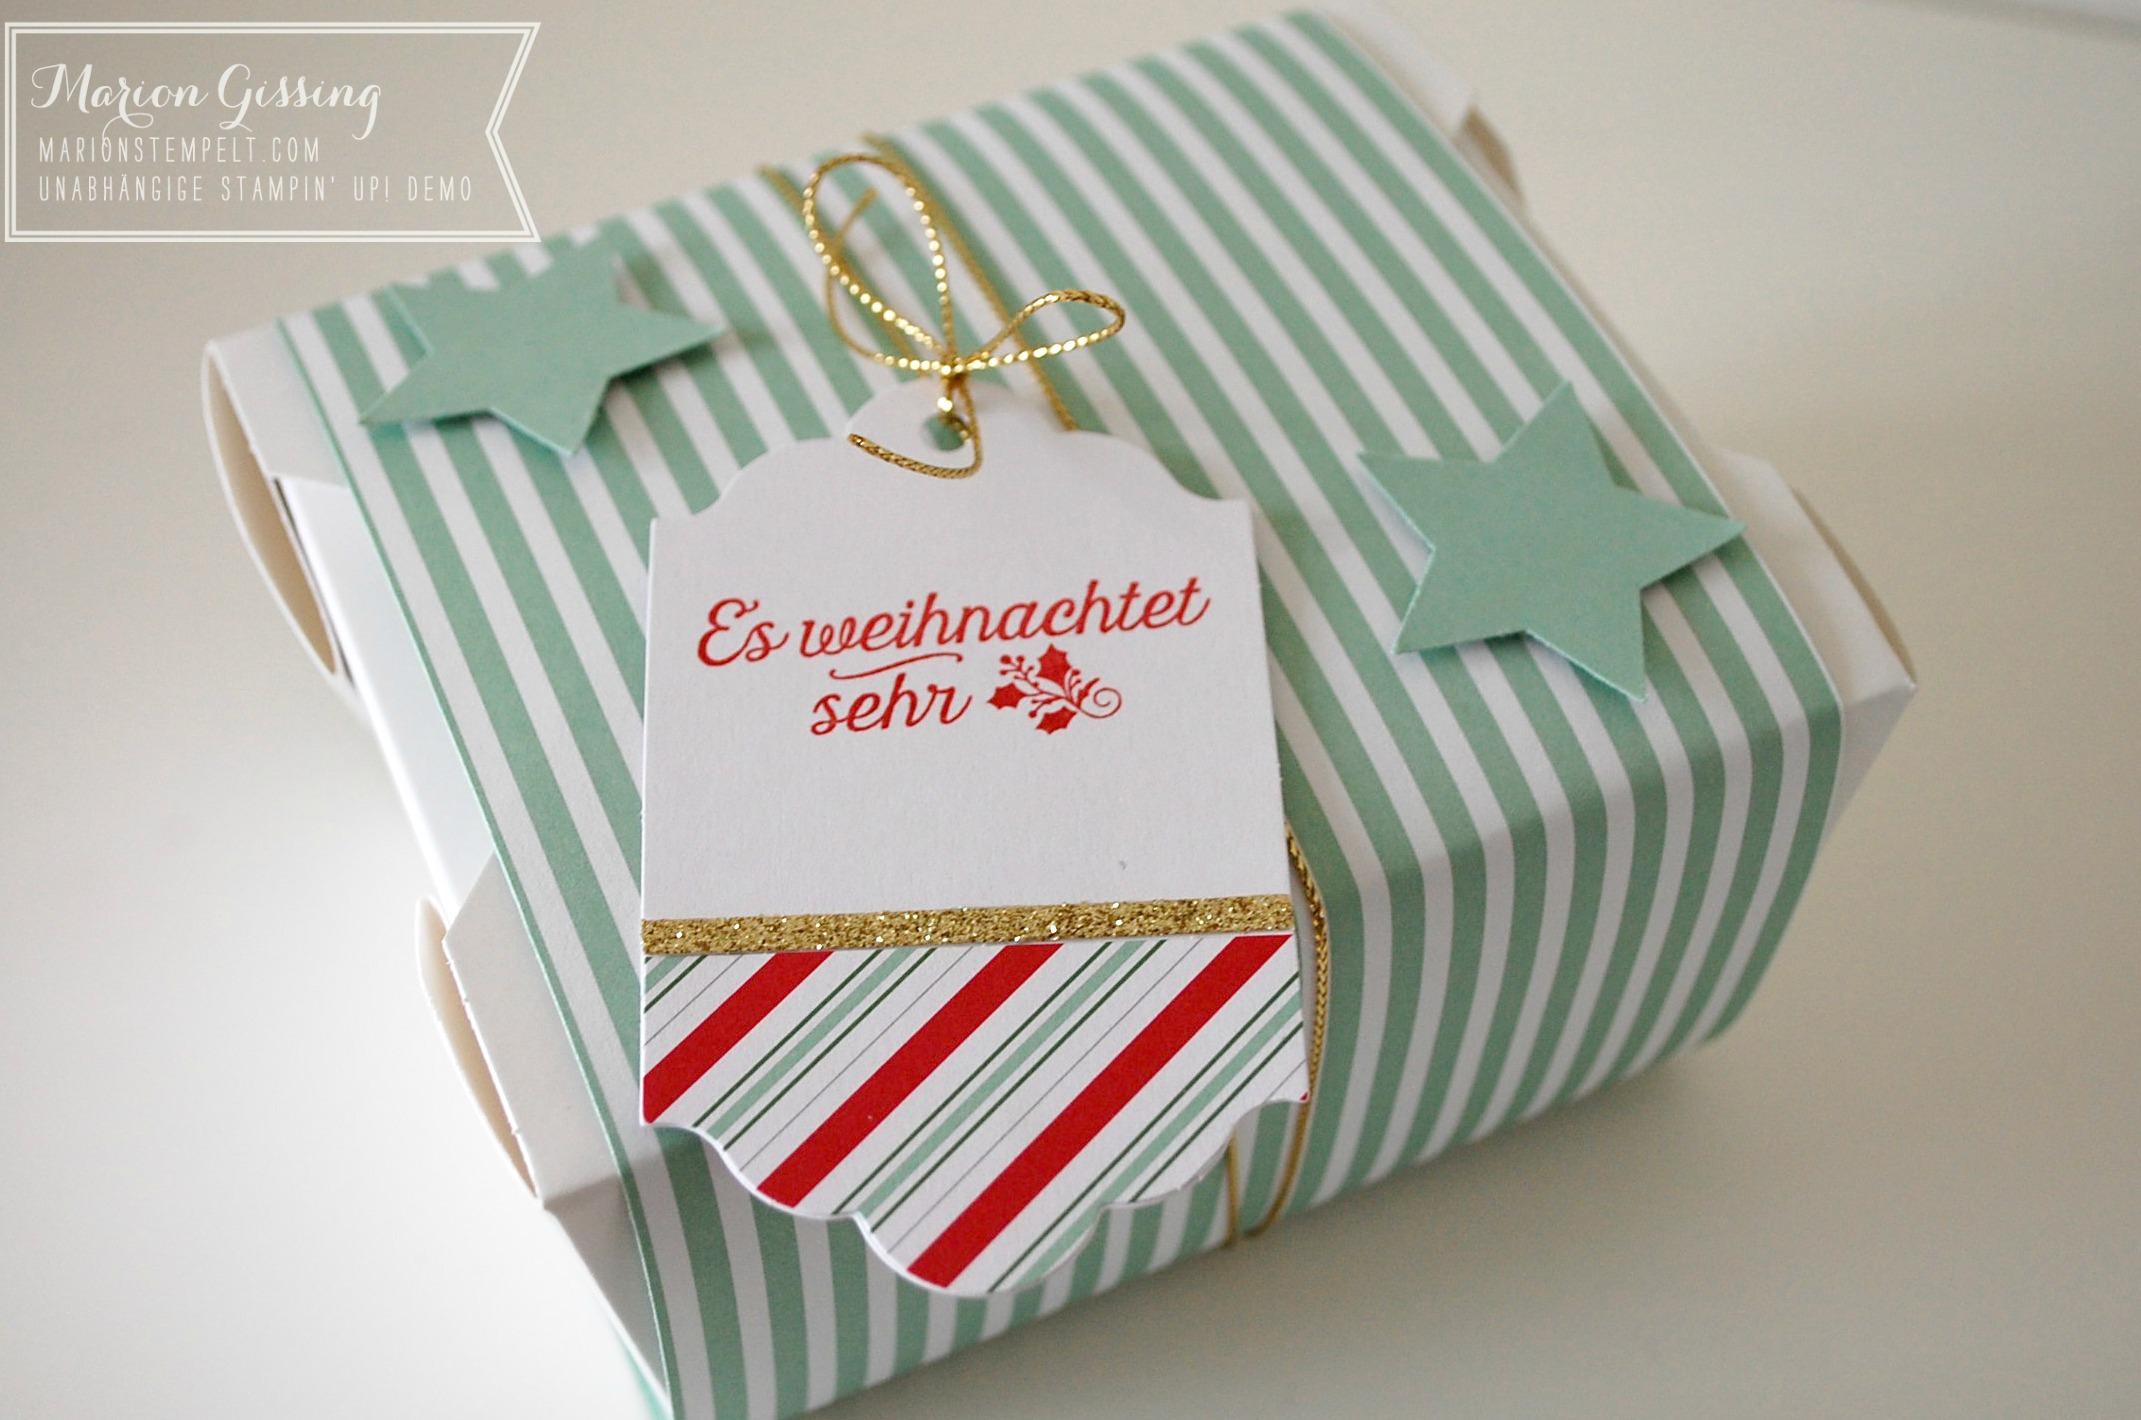 Klassische Weihnachtsgeschenke.Weihnachtsgeschenke Für Meine Kolleginnen Stampin Up In München